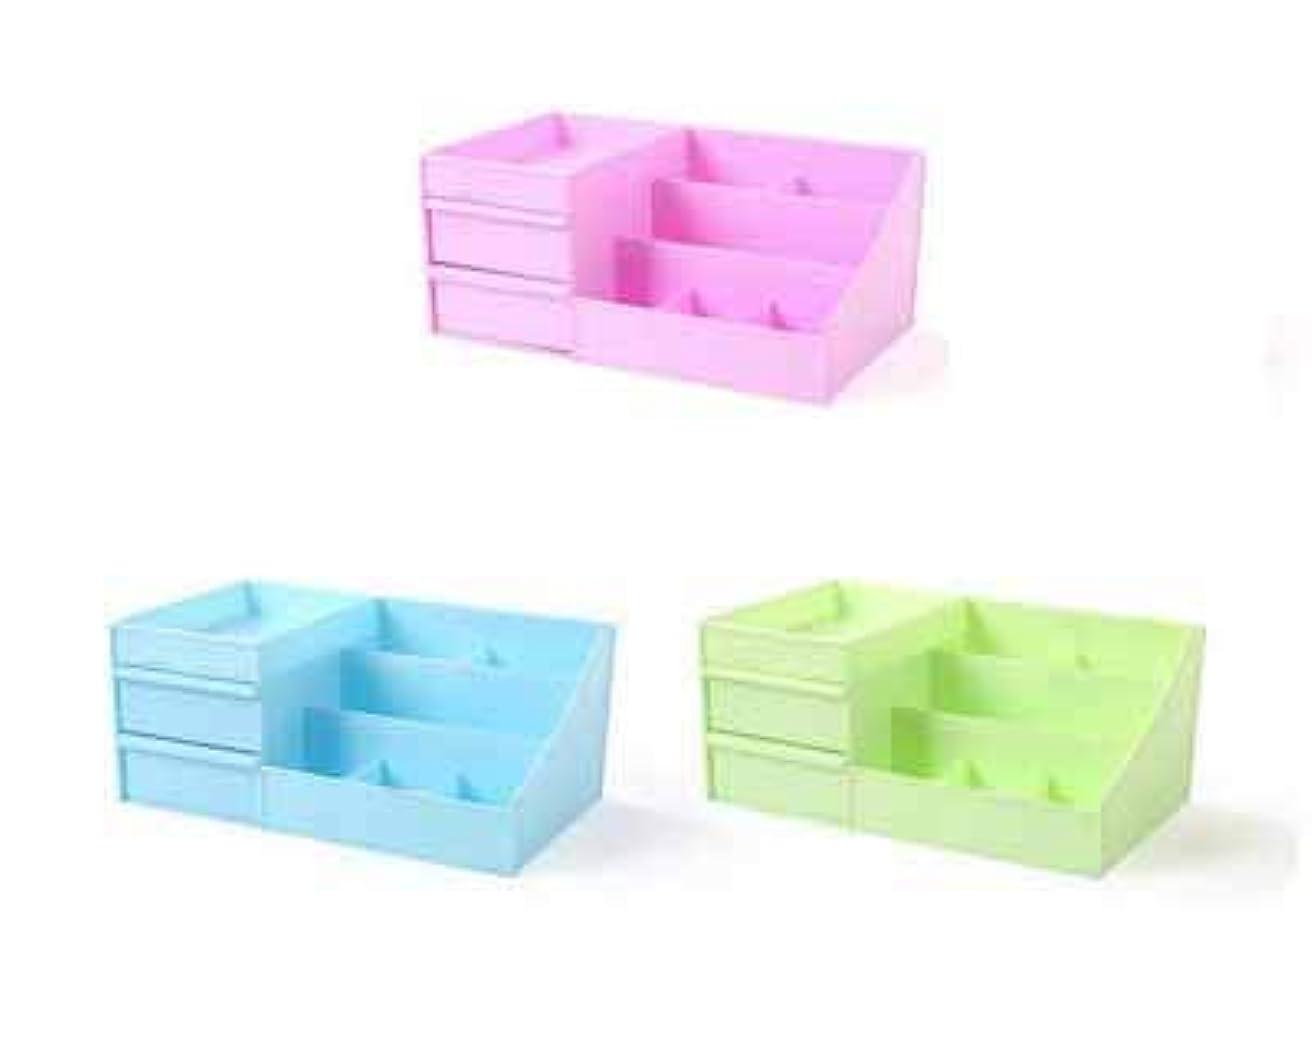 仕立て屋ふざけた思い出化粧品収納ボックスプラスチックの創造的な家庭用品デスクトップの破片の宝石箱大きな引き出し (Color : グリンー)